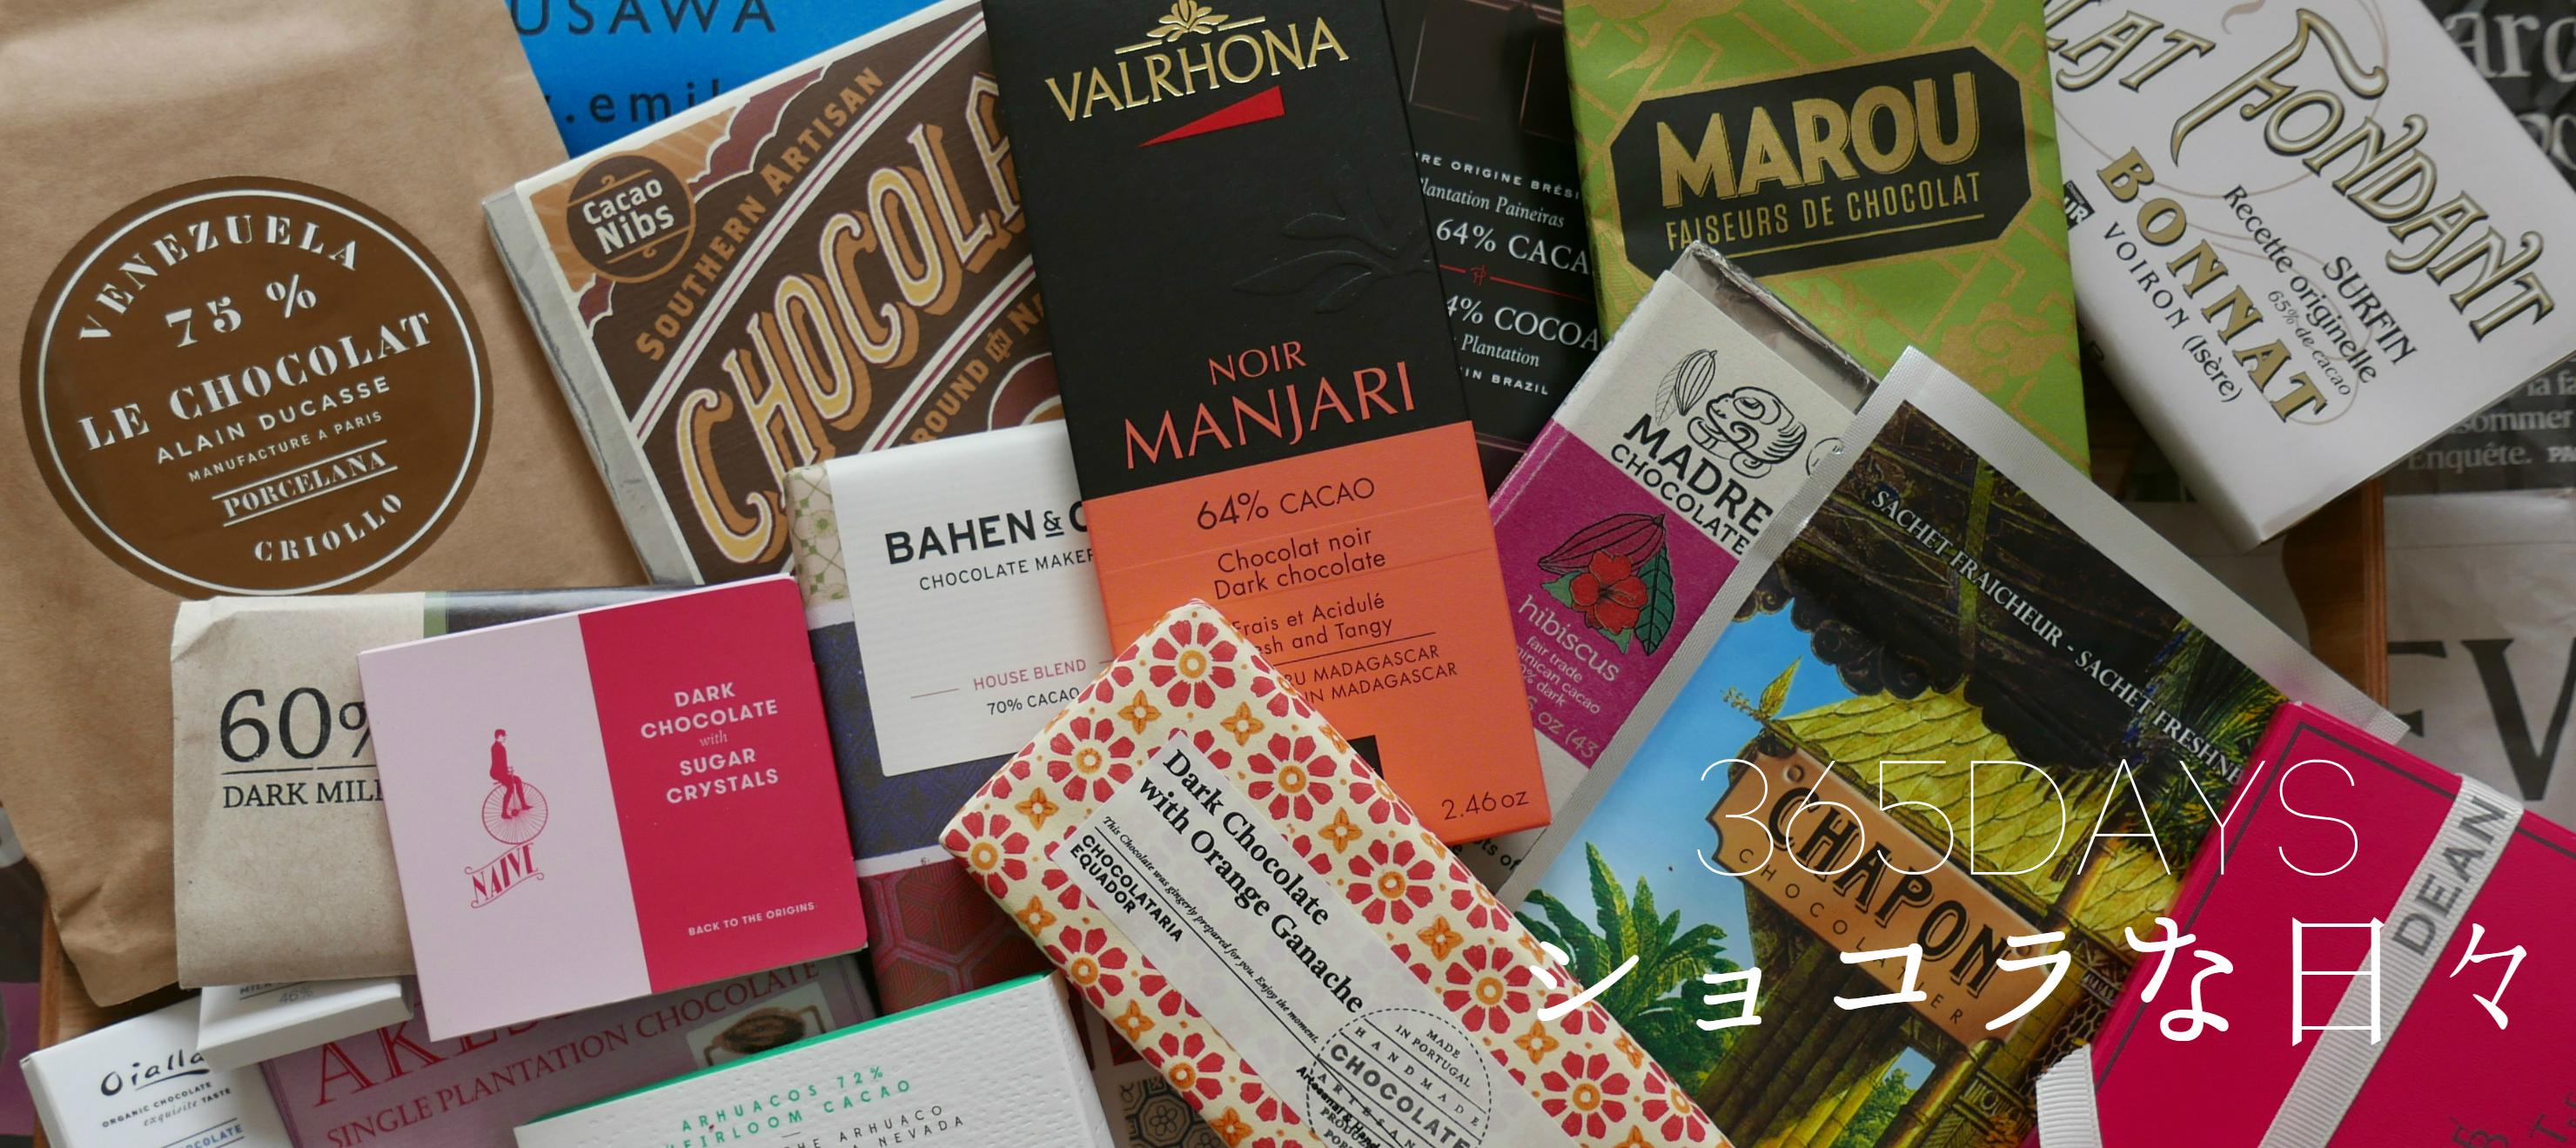 365chocolats | 365日ショコラな日々を送るチョコレートアドバイザーによるチョコレート情報サイト